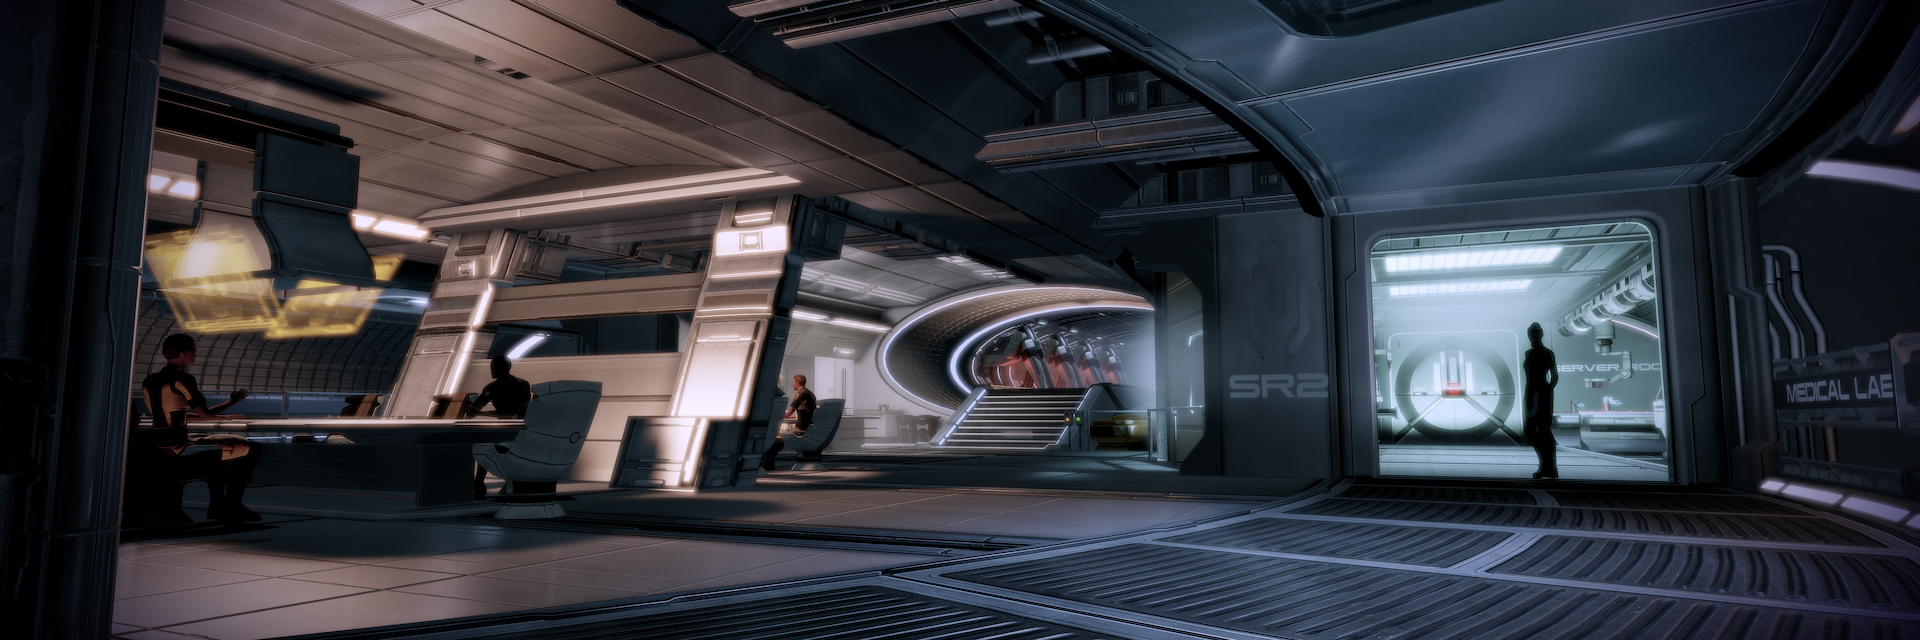 steelandblood.png - Mass Effect 2